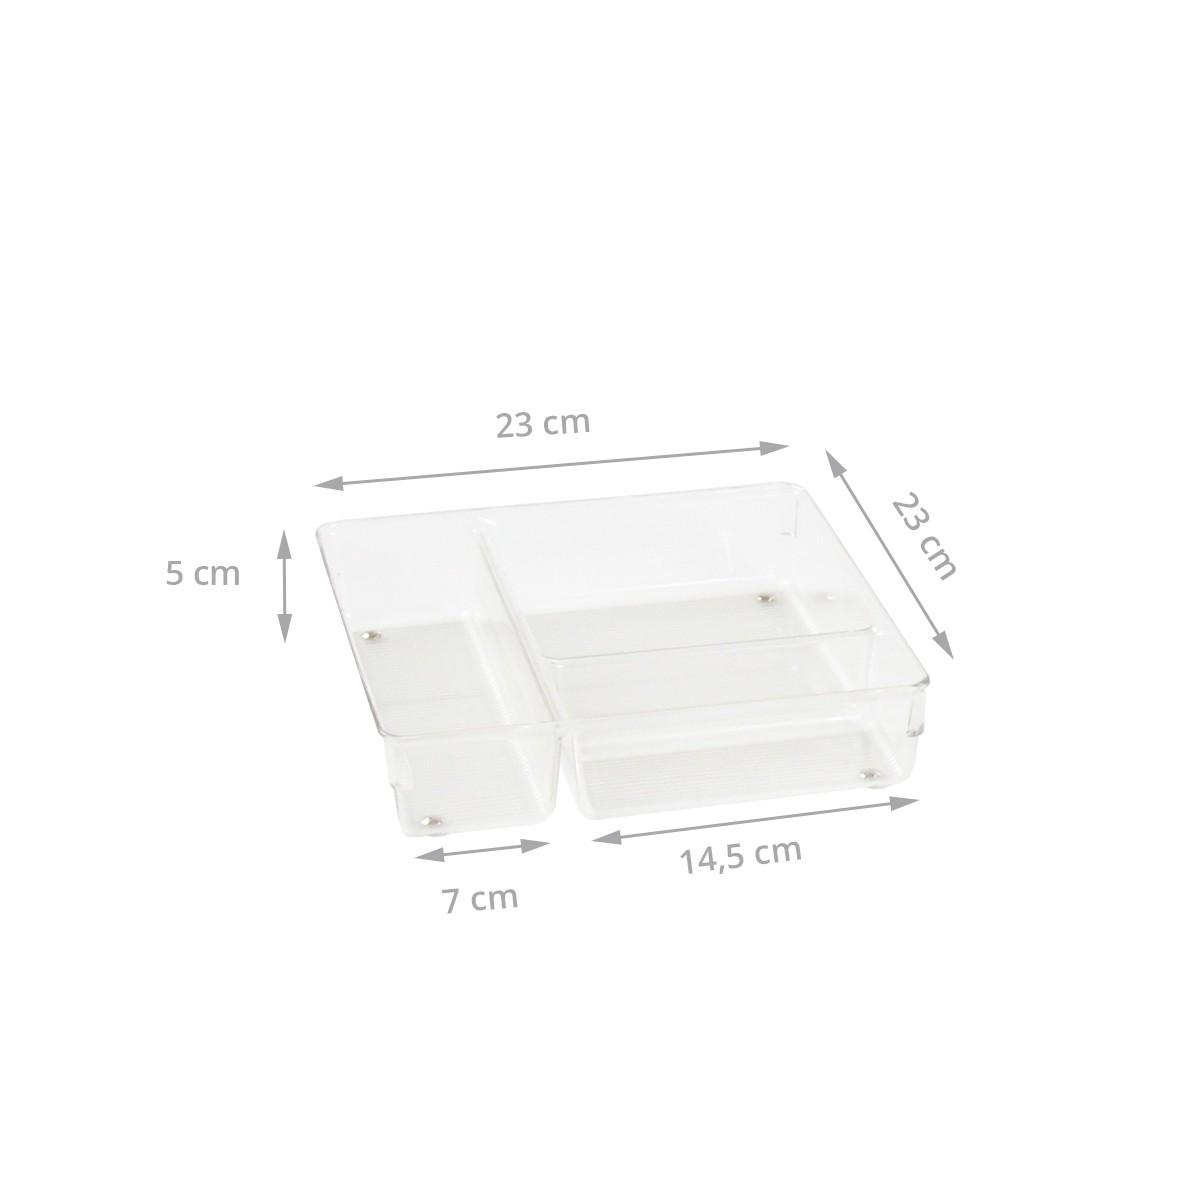 Organisateur tiroir rangement couverts for Organisateur tiroir